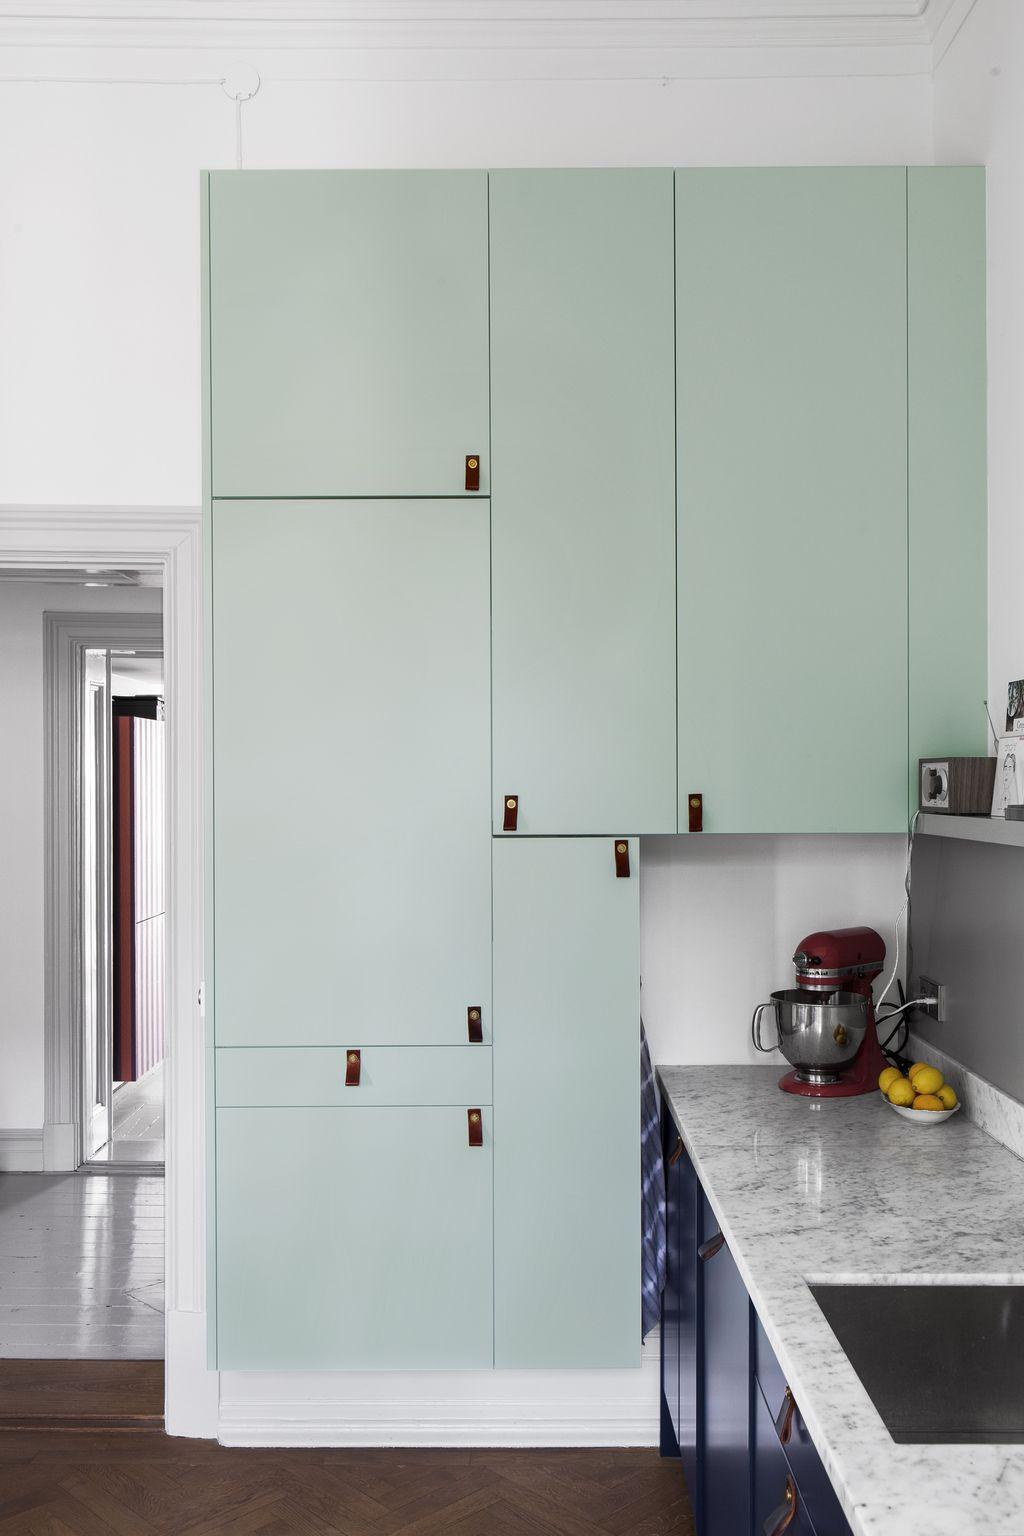 une cuisine vert d 39 eau ambiance pastel pour adoucir la d co pinterest cuisine verte vert. Black Bedroom Furniture Sets. Home Design Ideas